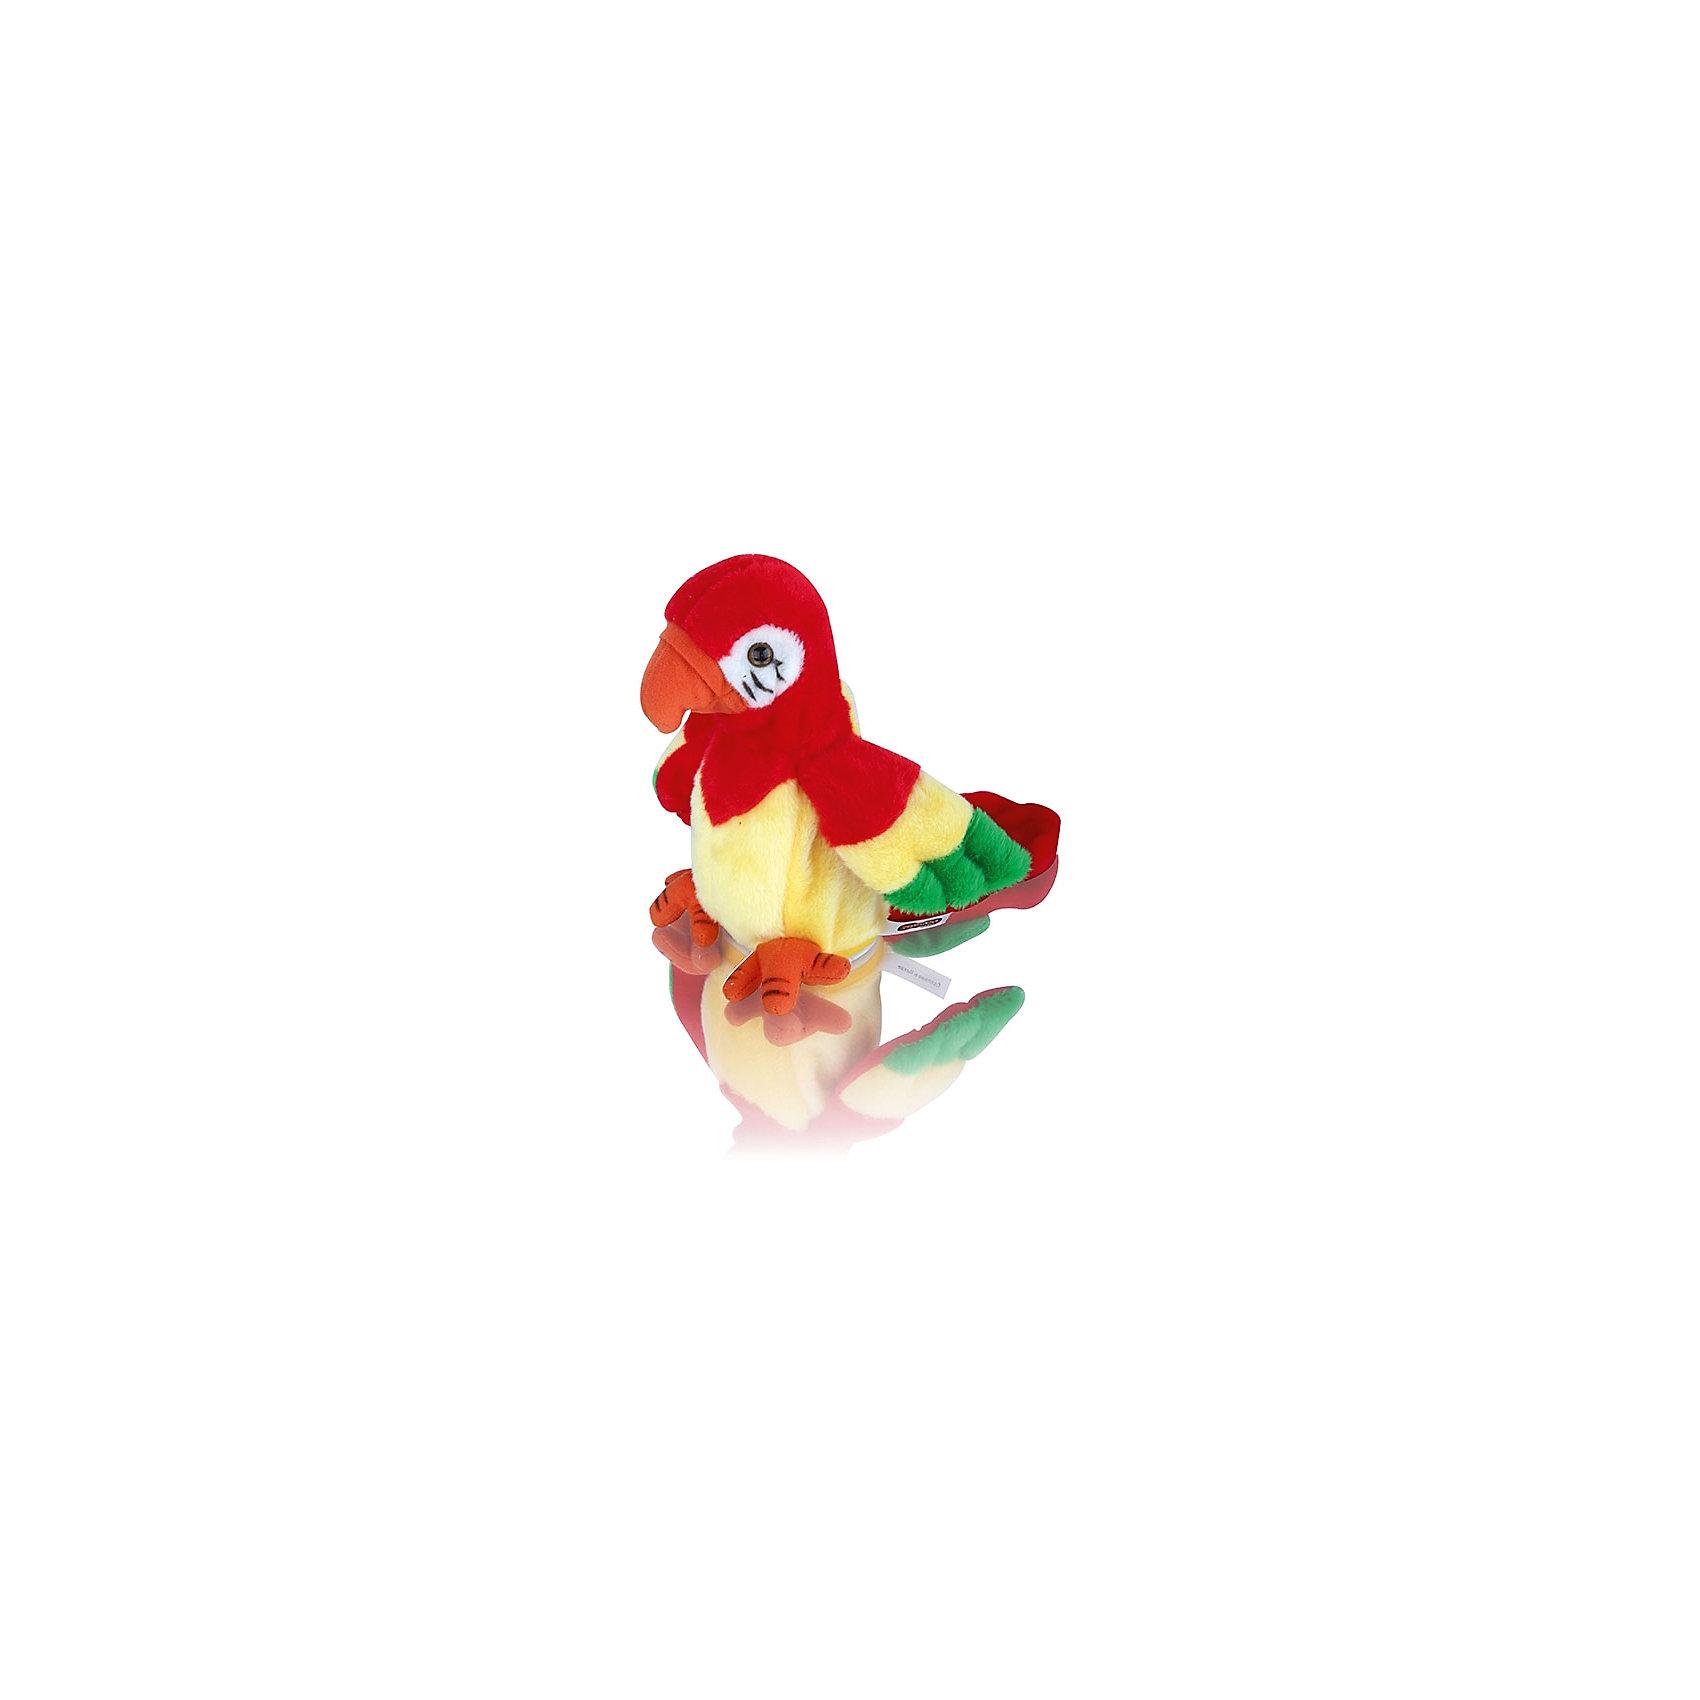 Игрушка-повторюшка Говорящий попугай, 20см, MioshiИгрушка-повторюшка Говорящий попугай, 20см, Mioshi (Миоши)<br><br>Характеристики:<br><br>• умеет повторять звуки и слова<br>• трясет головой<br>• материал: текстиль, мех<br>• высота игрушки: 20 см<br>• размер упаковки: 8,5х8,5х20 см<br><br>Говорящий попугай - потрясающая игрушка, которая понравится каждому ребенку. Мягкий попугайчик повторит за ребенком все слова и звуки, не забывая трясти головой. Попугай очень приятен на ощупь и имеет яркую окраску. С этой игрушкой ваш ребенок не заскучает!<br><br>Игрушку-повторюшку Говорящий попугай, 20см, Mioshi (Миоши) вы можете купить в нашем интернет-магазине.<br><br>Ширина мм: 85<br>Глубина мм: 85<br>Высота мм: 190<br>Вес г: 333<br>Возраст от месяцев: 36<br>Возраст до месяцев: 72<br>Пол: Унисекс<br>Возраст: Детский<br>SKU: 4342827